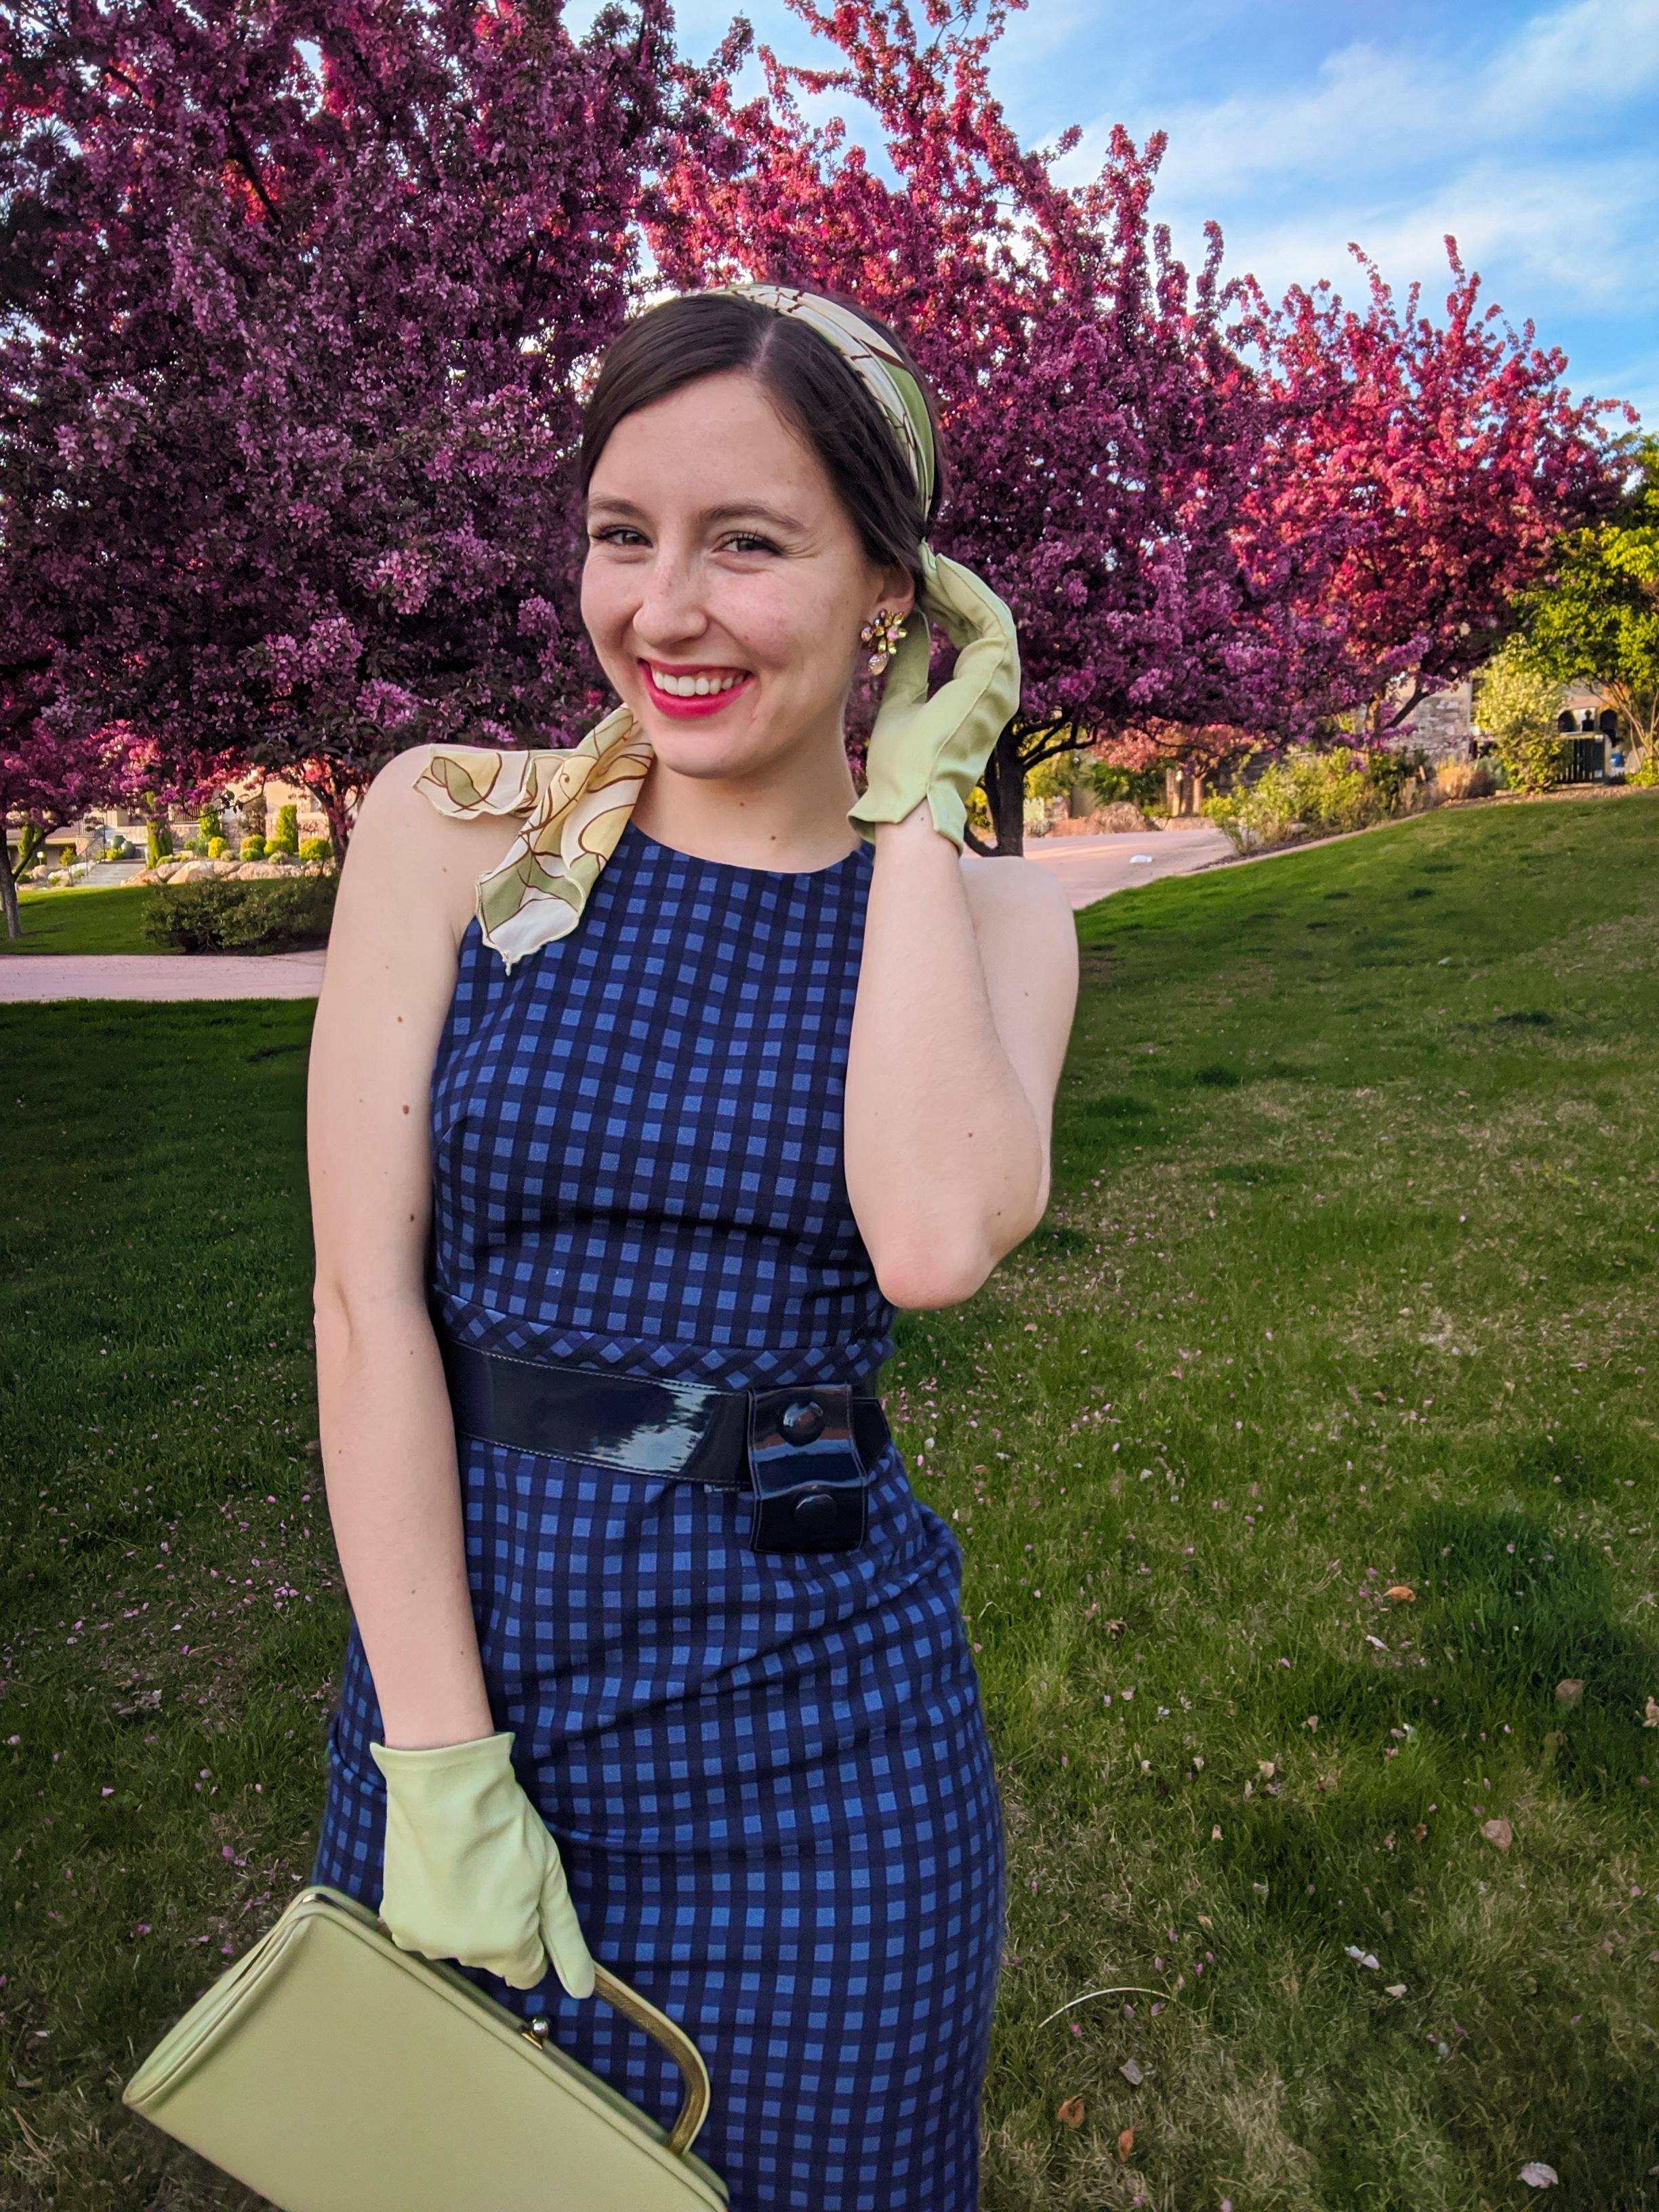 midge maisel fashion, midge maisel style, 1950s style